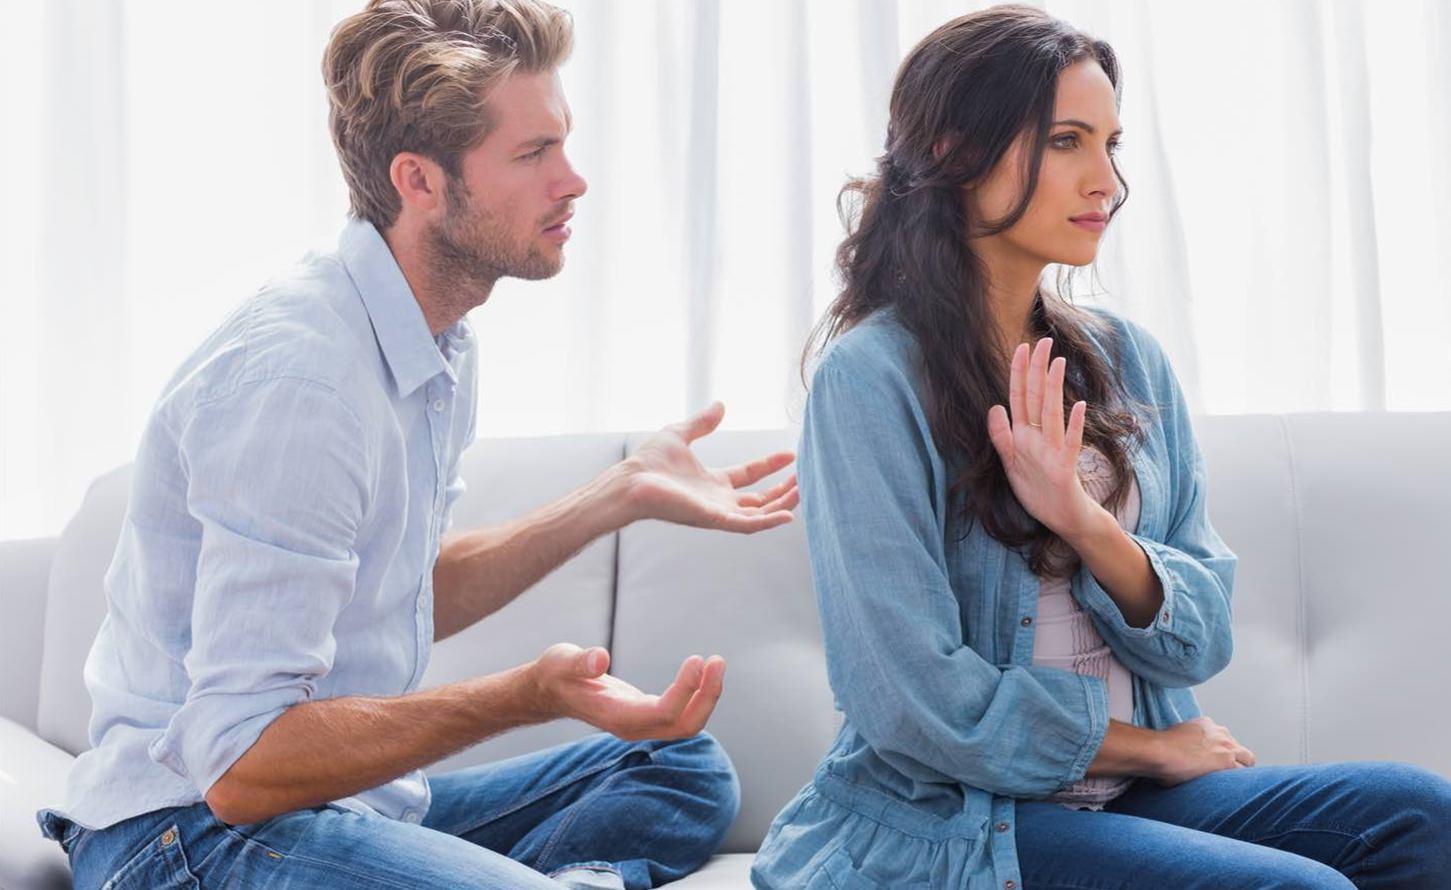 Criticas no relacionamento